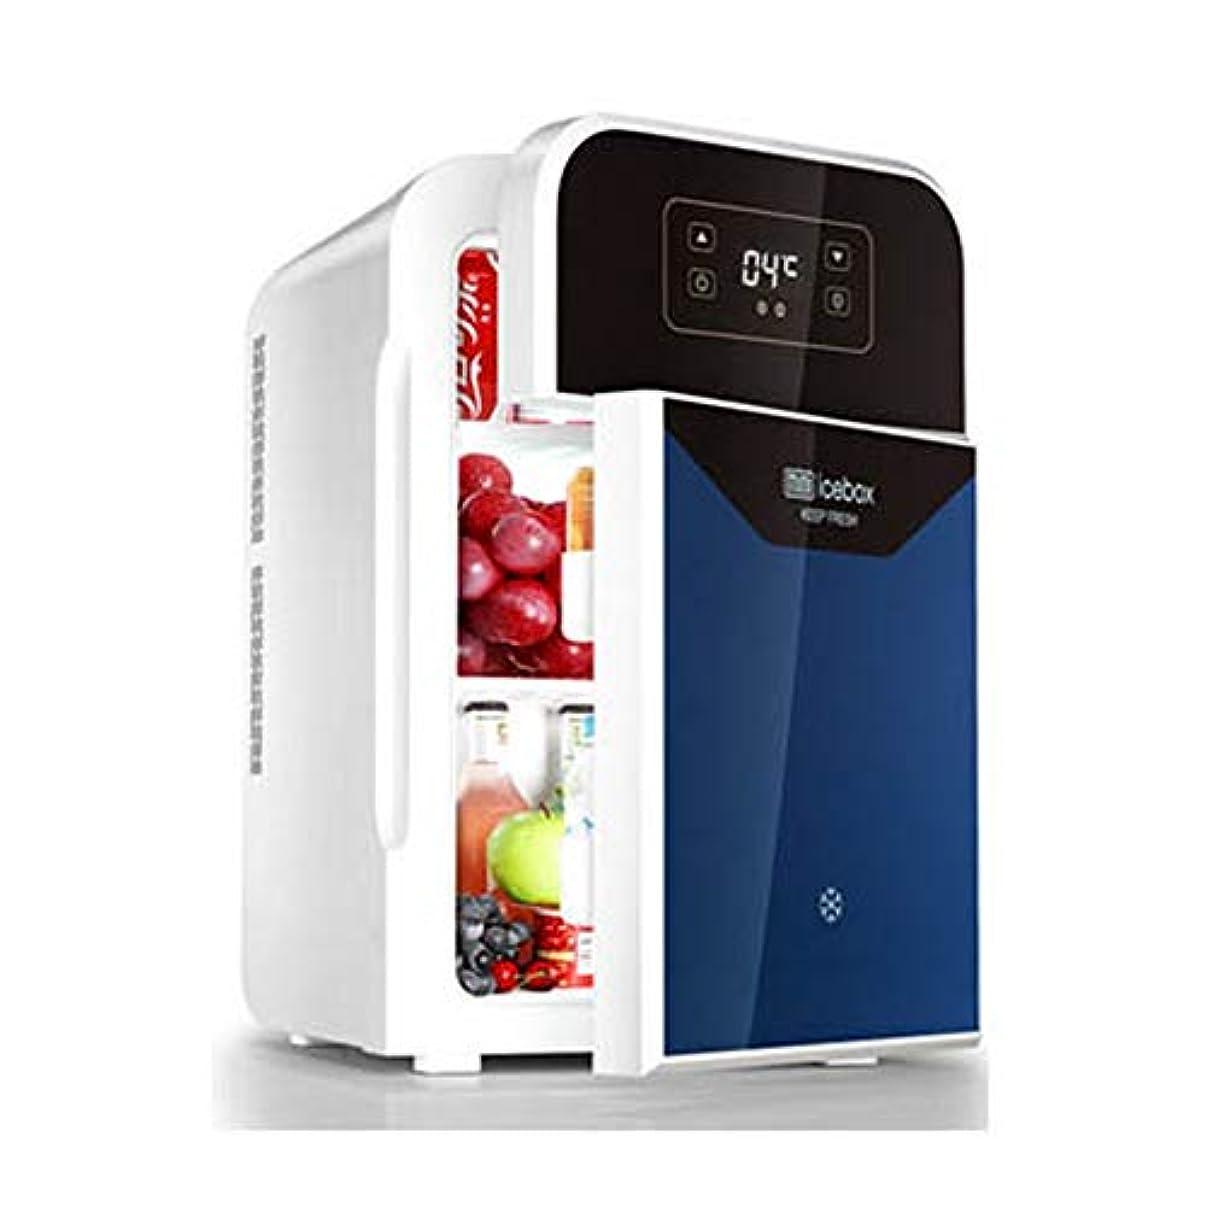 割る生きる色車の冷蔵庫 ダブルドアタイプのカー冷蔵庫22Lミニ小型冷蔵庫家庭用ミニ寮カーホームデュアル目的冷暖房冷蔵庫 キャンプバーベキュー用 (Color : Blue, Size : 22L)